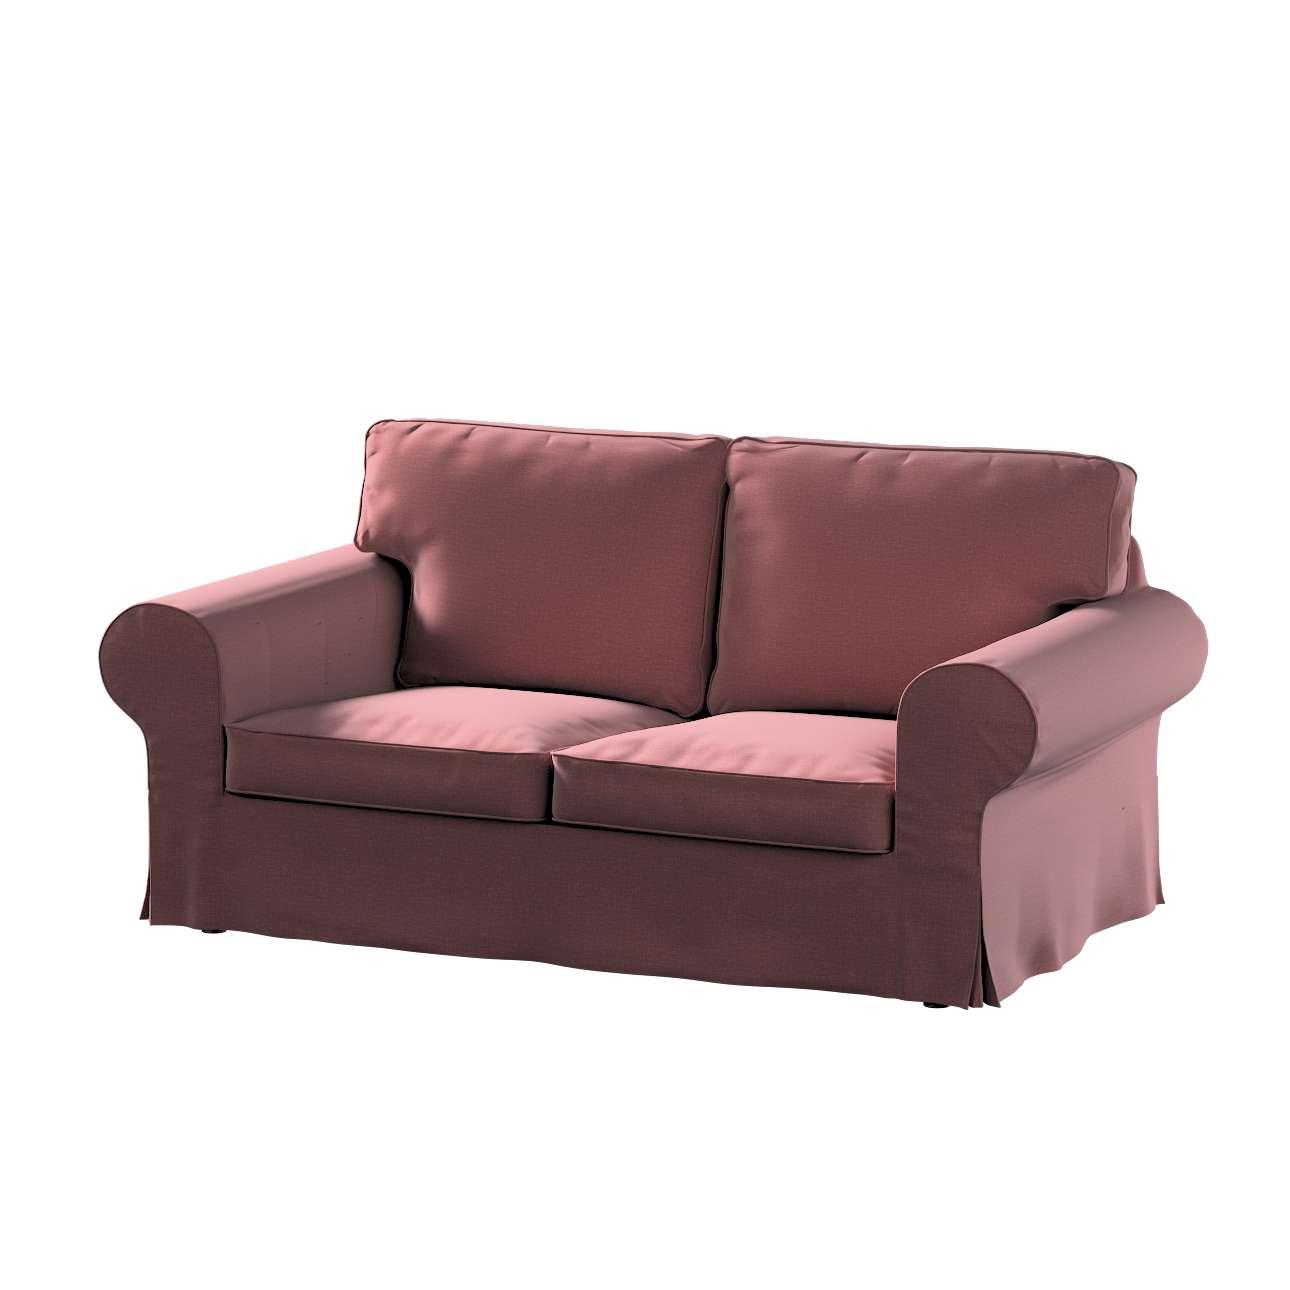 Bezug für Ektorp 2-Sitzer Schlafsofa NEUES Modell von der Kollektion Ingrid, Stoff: 705-38